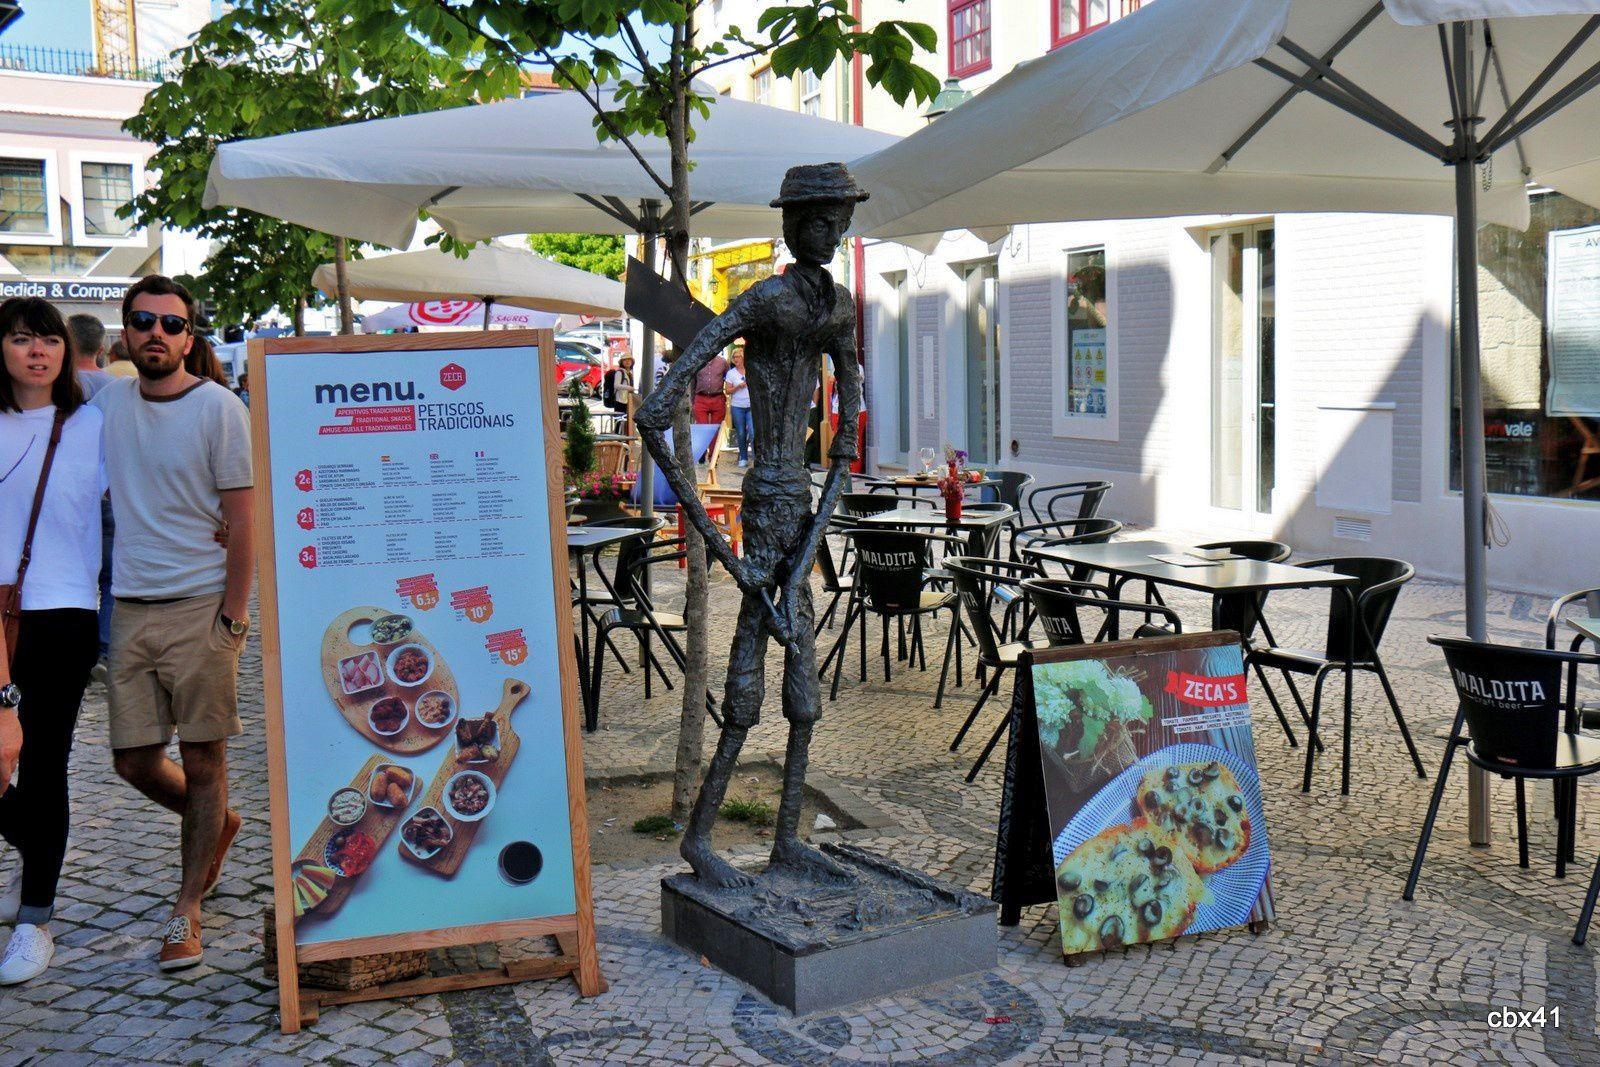 Façades et enseigne de restaurant, Aveiro (Portugal)